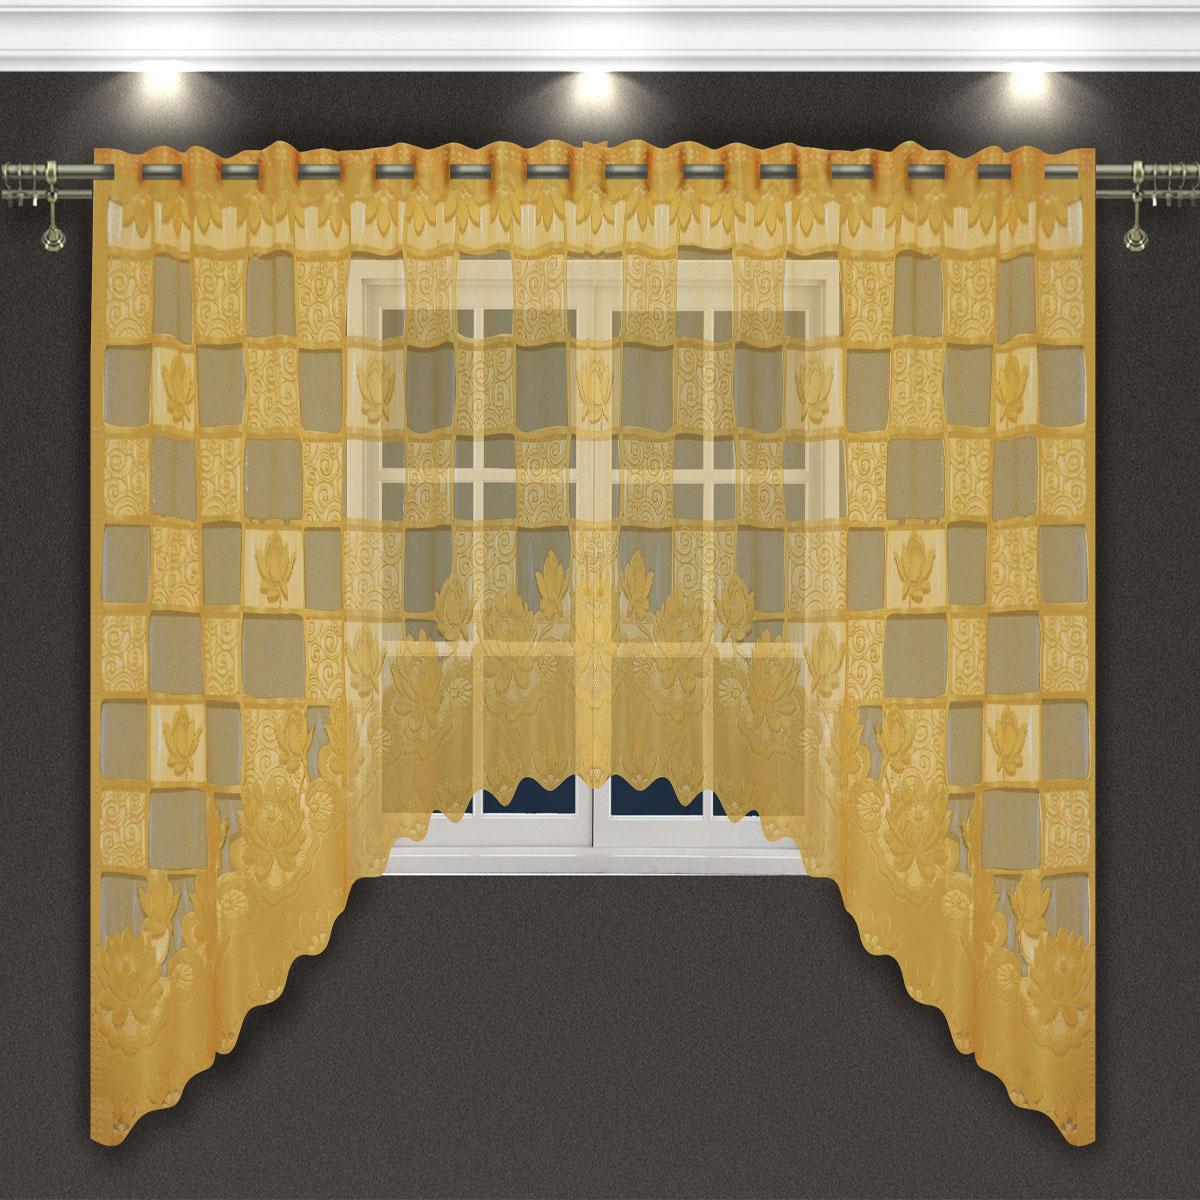 Гардина Zlata Korunka, цвет: золотистый, высота 160 см. 8887188871Гардина-арка Zlata Korunka, изготовленная из высококачественного полиэстера, станет великолепным украшением любого окна. Оригинальное оформление гардины внесет разнообразие и подарит заряд положительного настроения.Крепится через прорези, сделанные в верхней части, или на зажимы для штор.